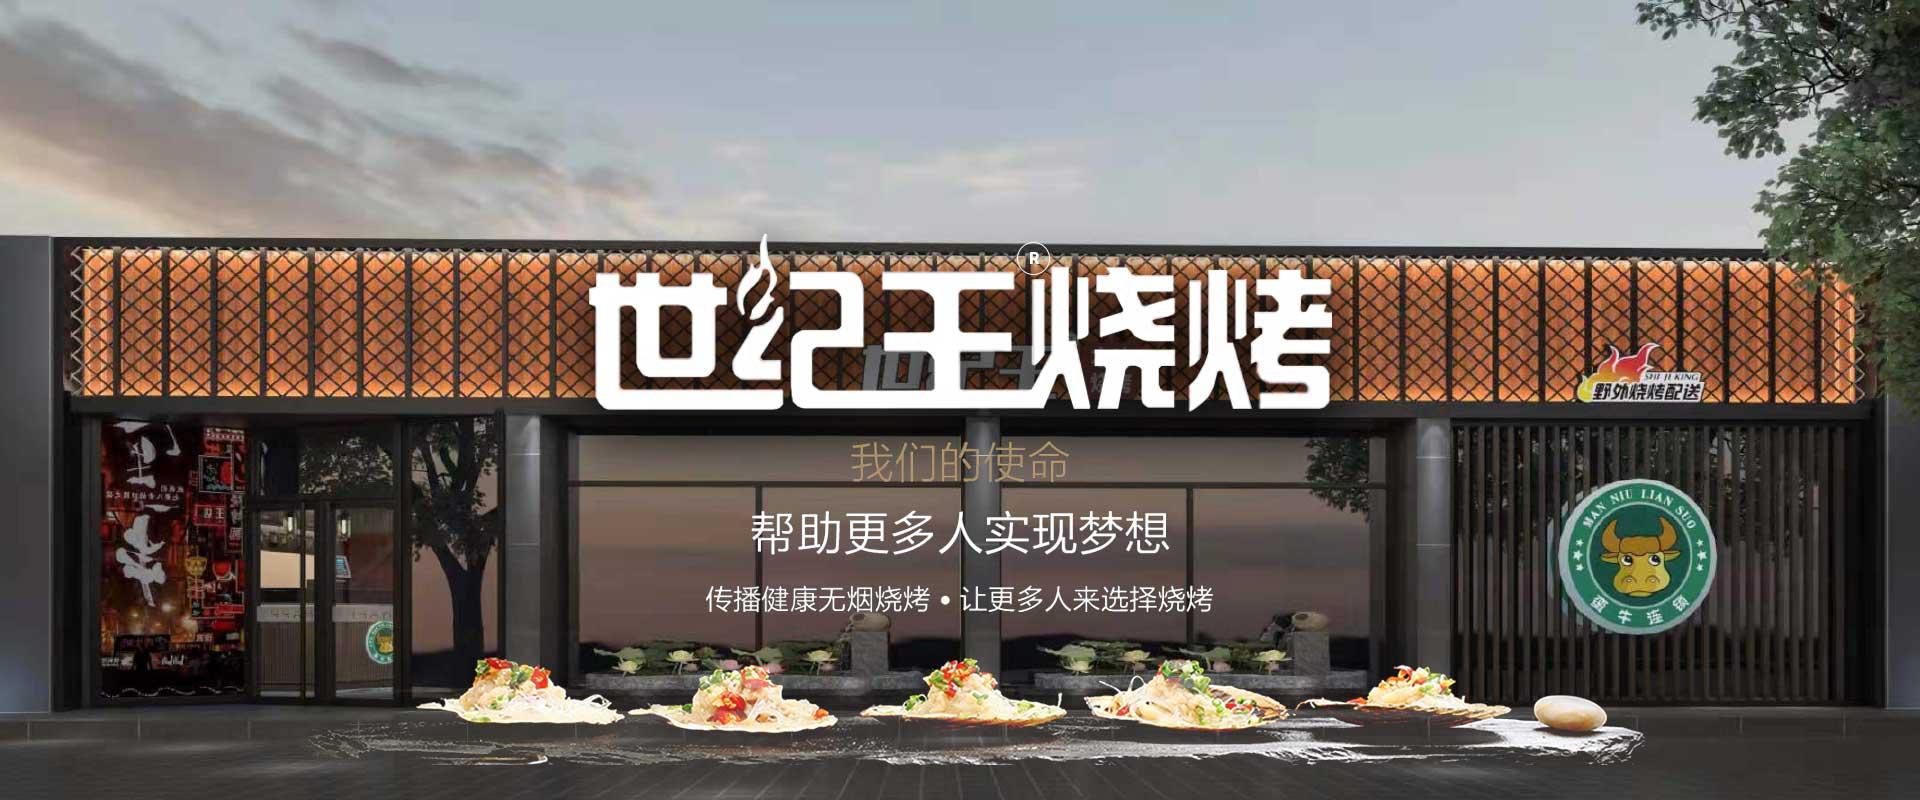 世纪王烧烤加盟-帮助更多人实现梦想,传播健康无烟烧烤-找小吃加盟上小宝招商